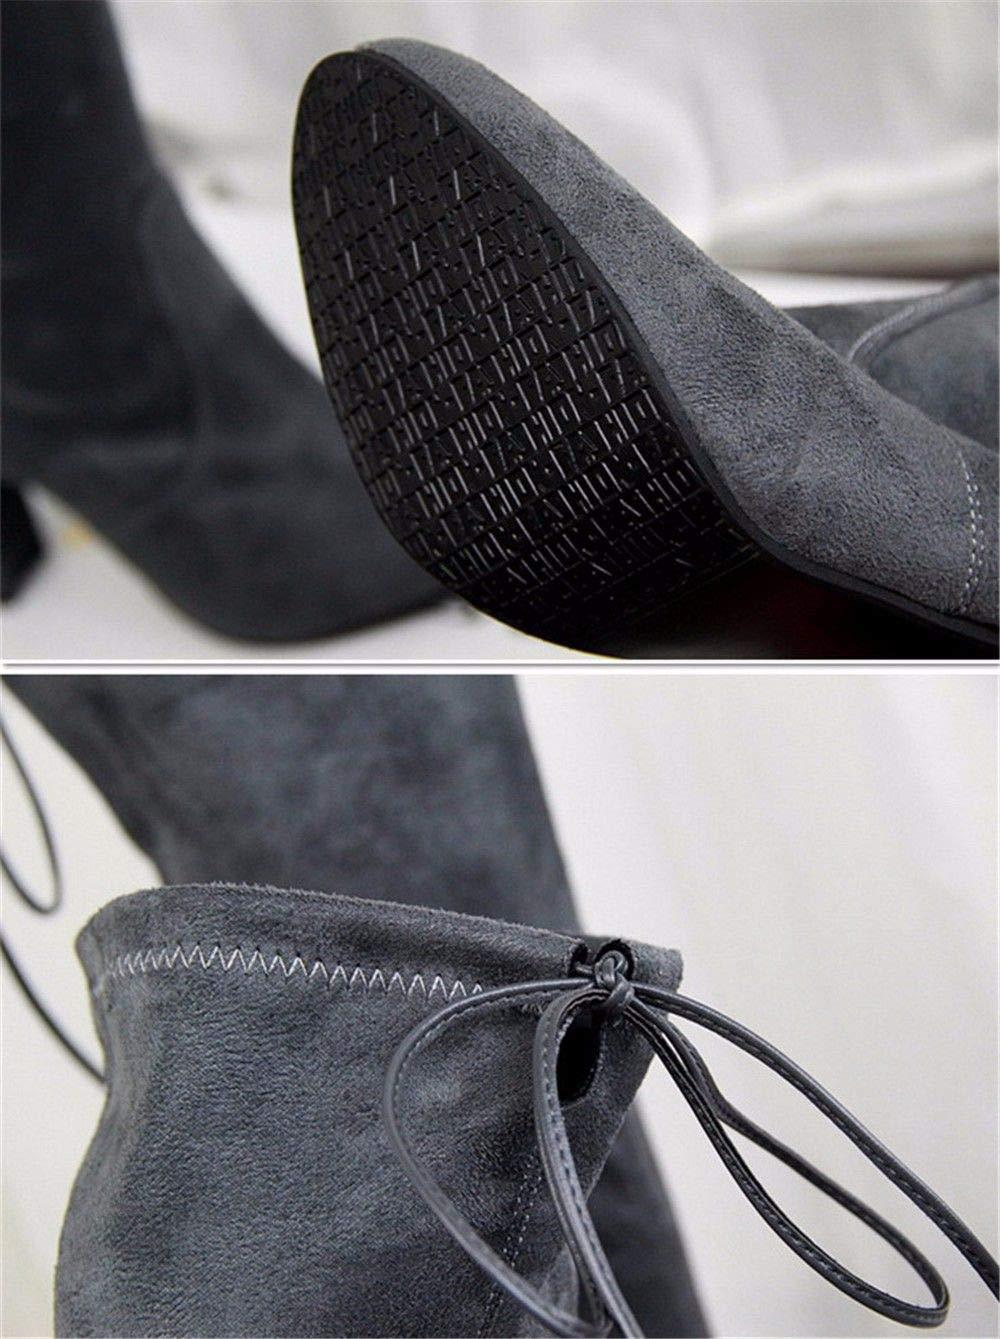 FLYRCX Herbst und Winter mit warmen TIPP mit Grob elastisch elastisch elastisch Velours Stiefel Sohn Fashion Lady Schuhe.  062ea6